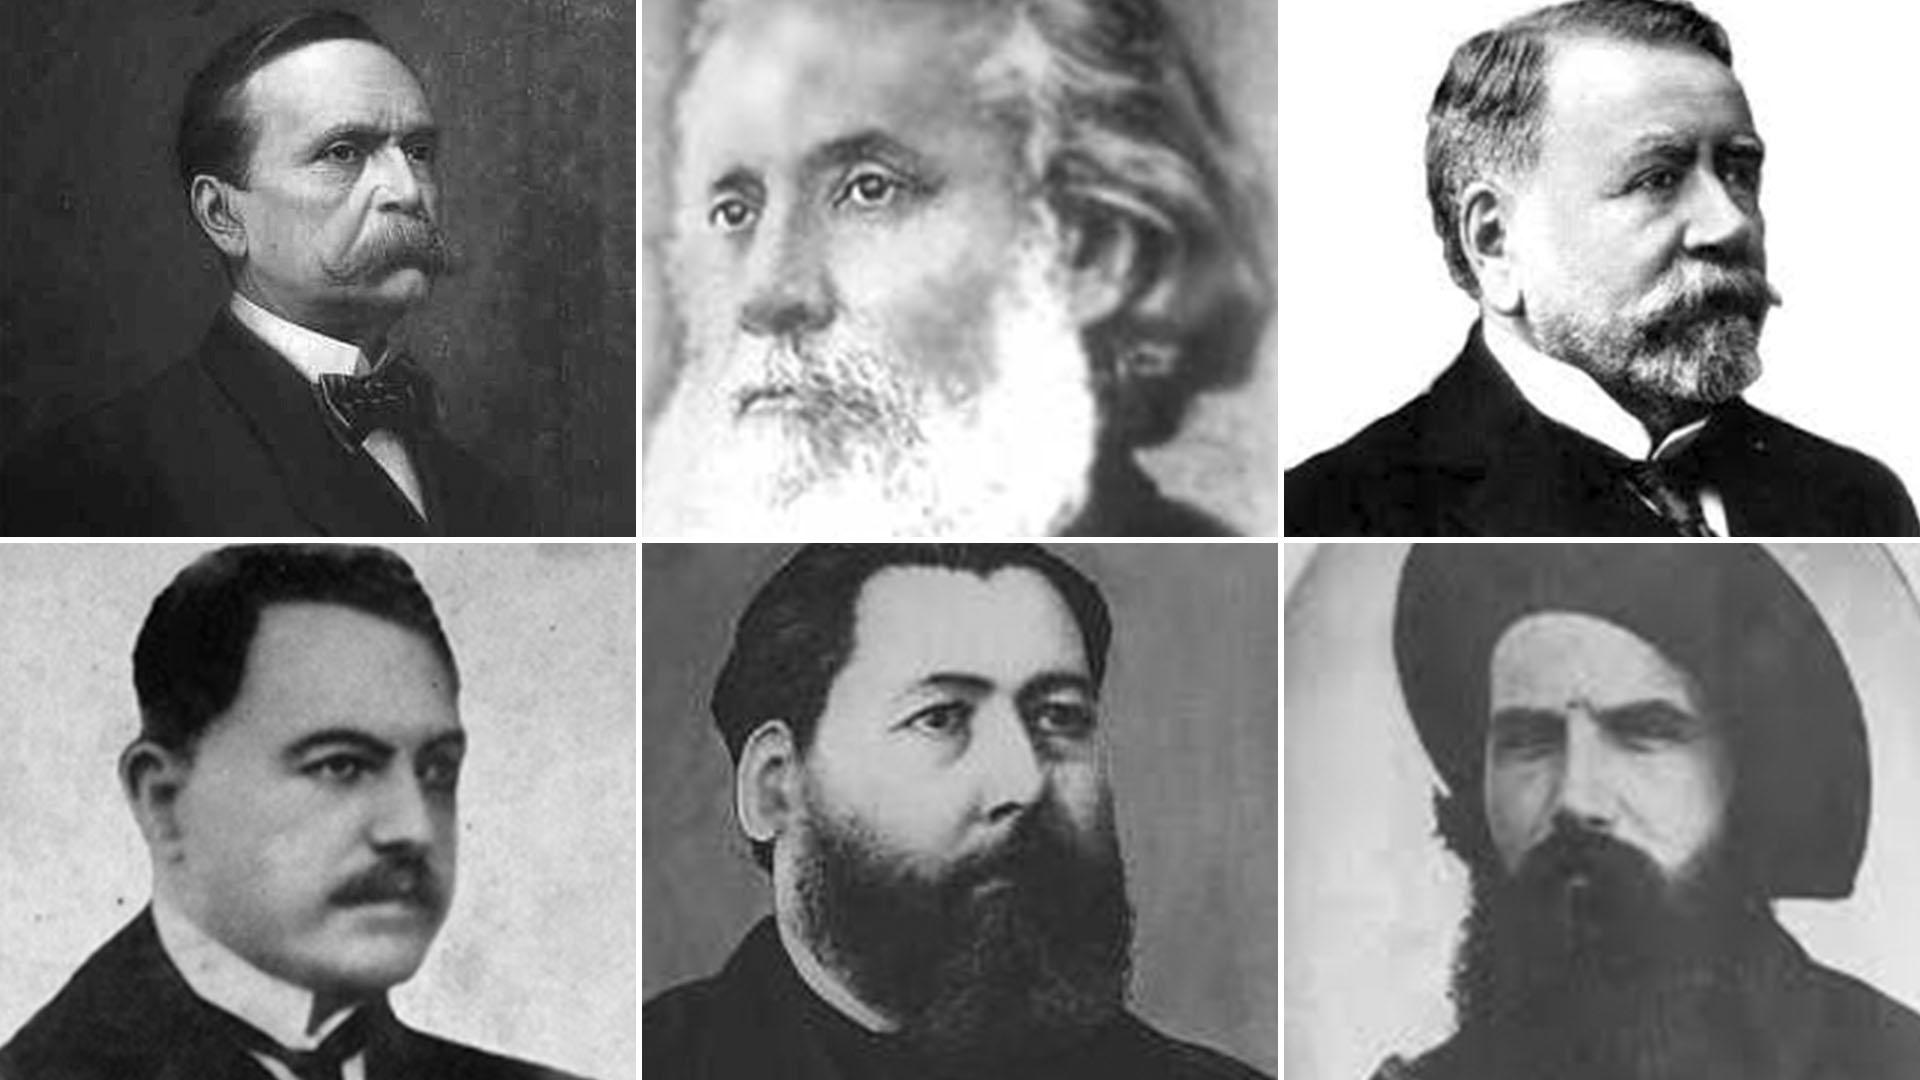 Apoyos de Roca en el 80: (arriba, de izq a der) Carlos Pellegrini, Carlos Guido y Spano, Dardo Rocha; (abajo) Hipólito Yrigoyen, José Hernández y Lucio V.Mansilla